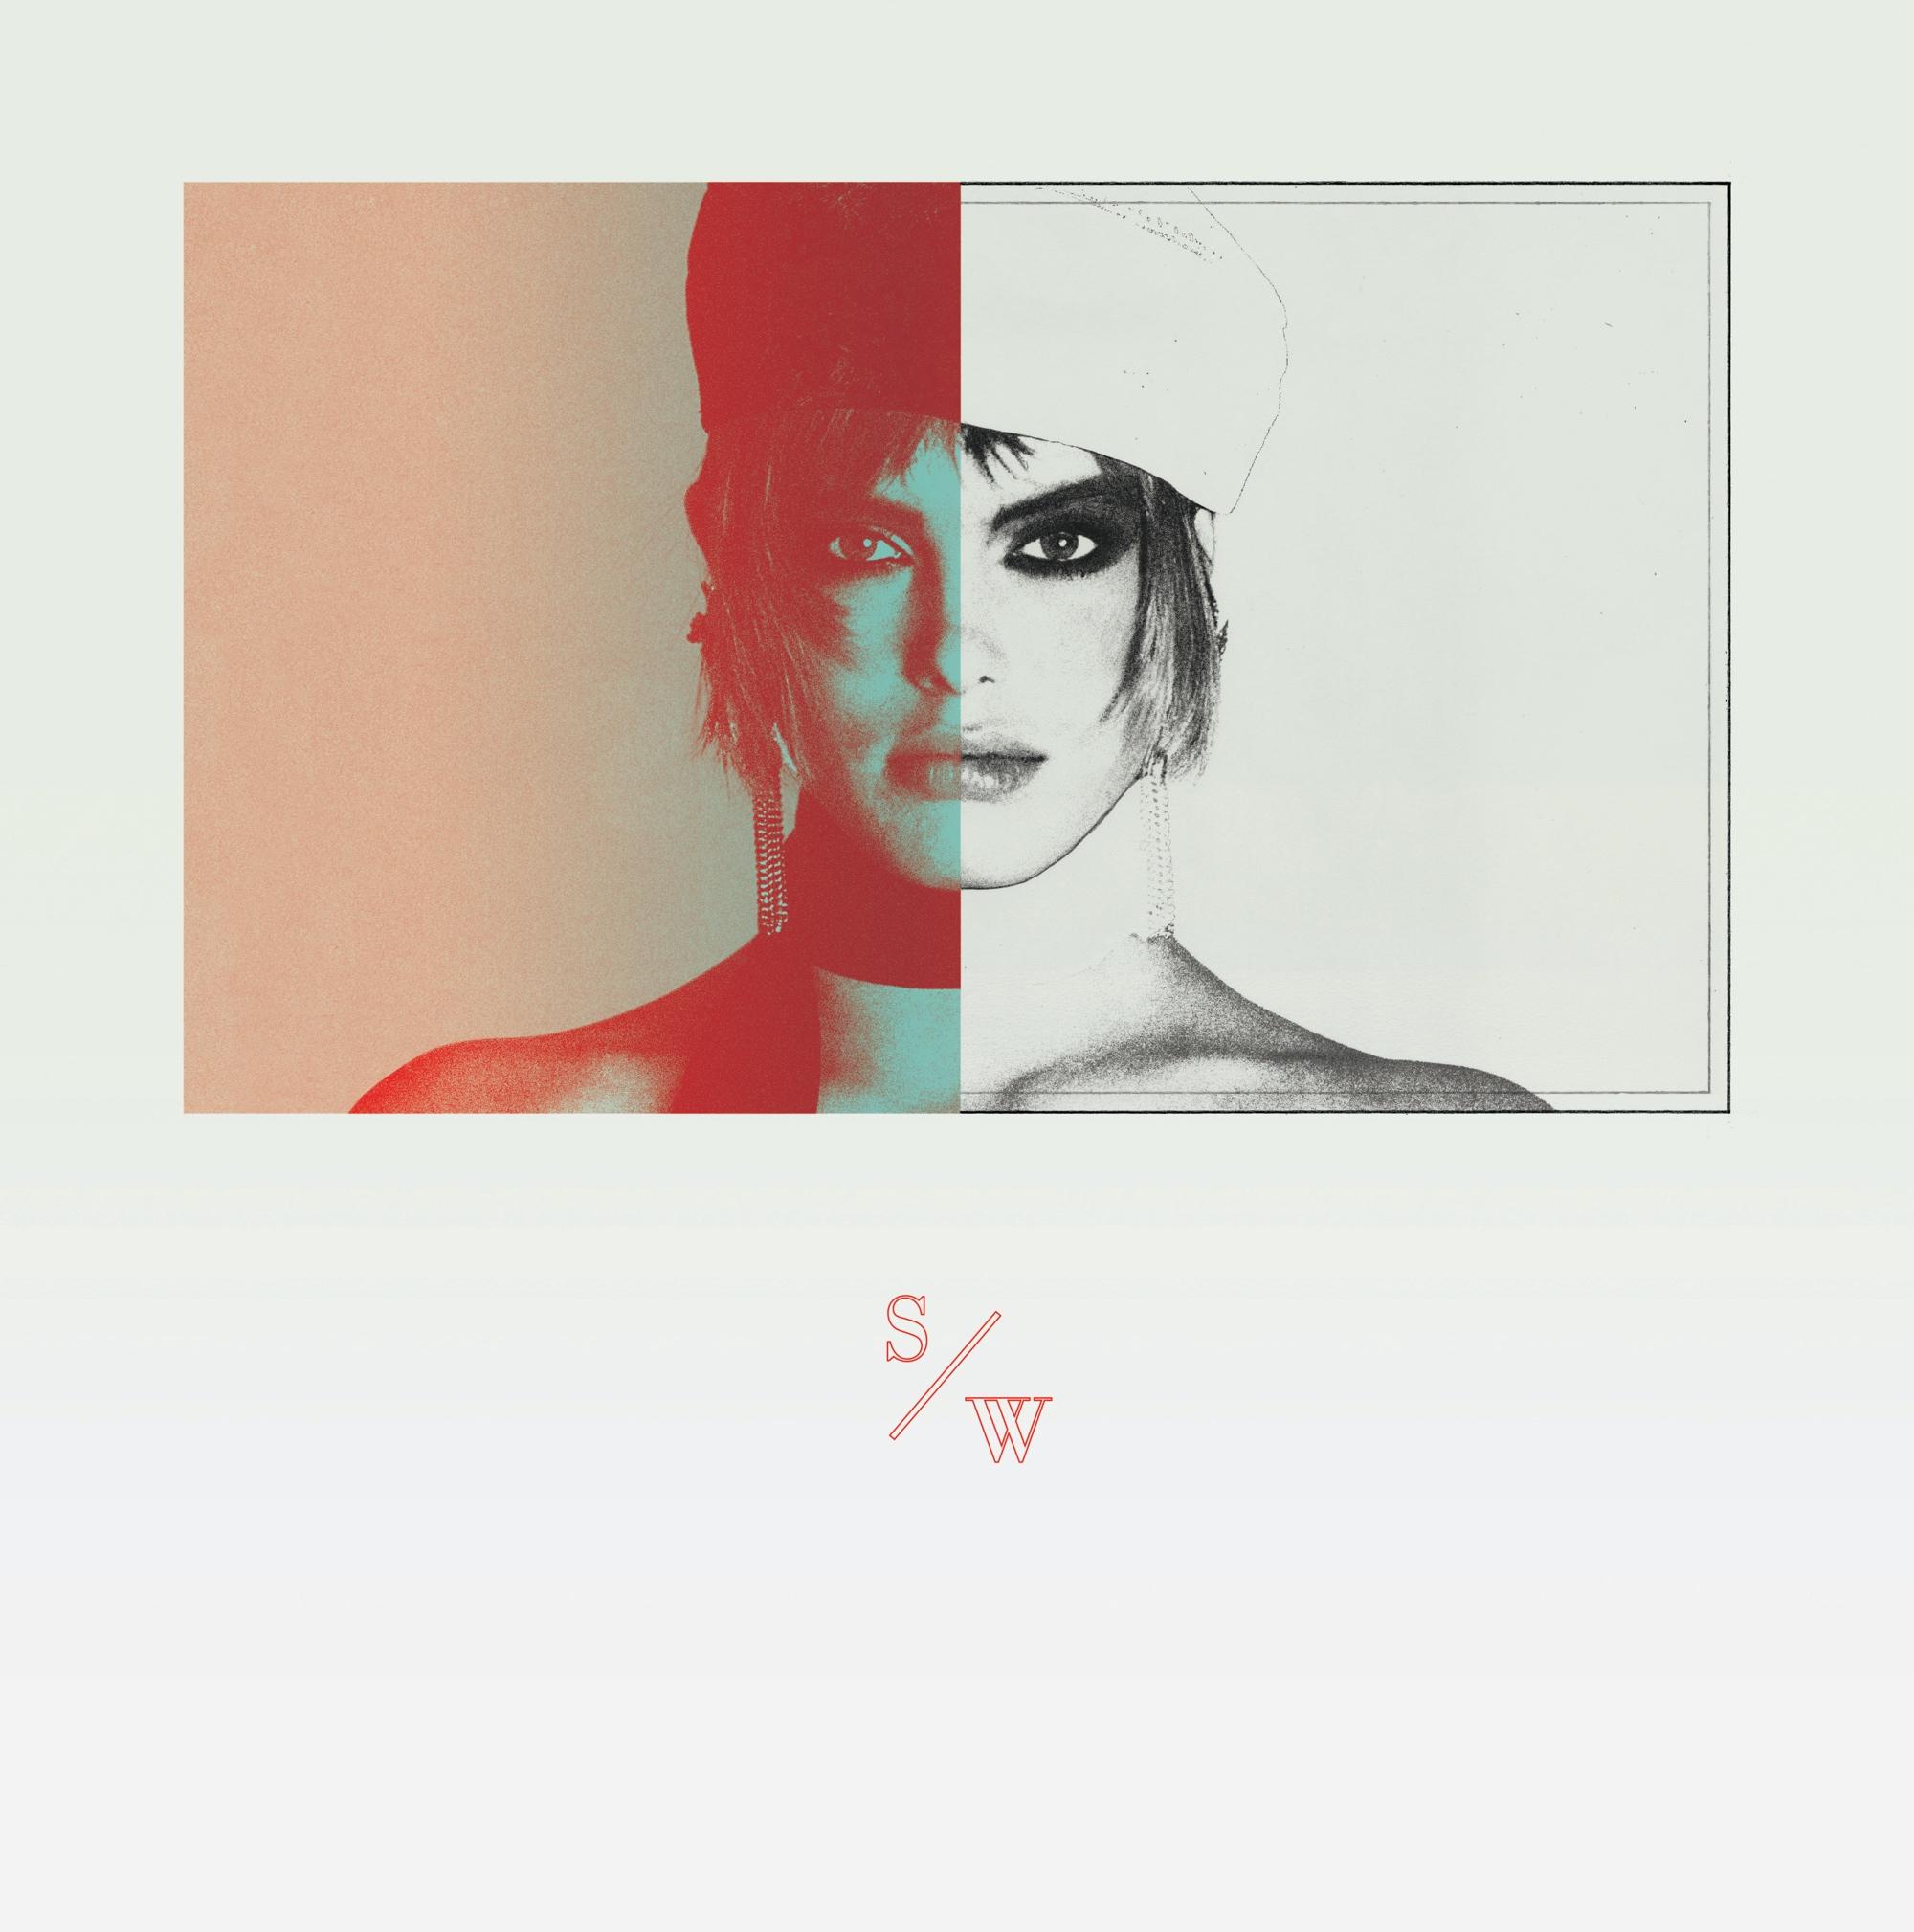 Second Woman announce second album <em>S/W</em>